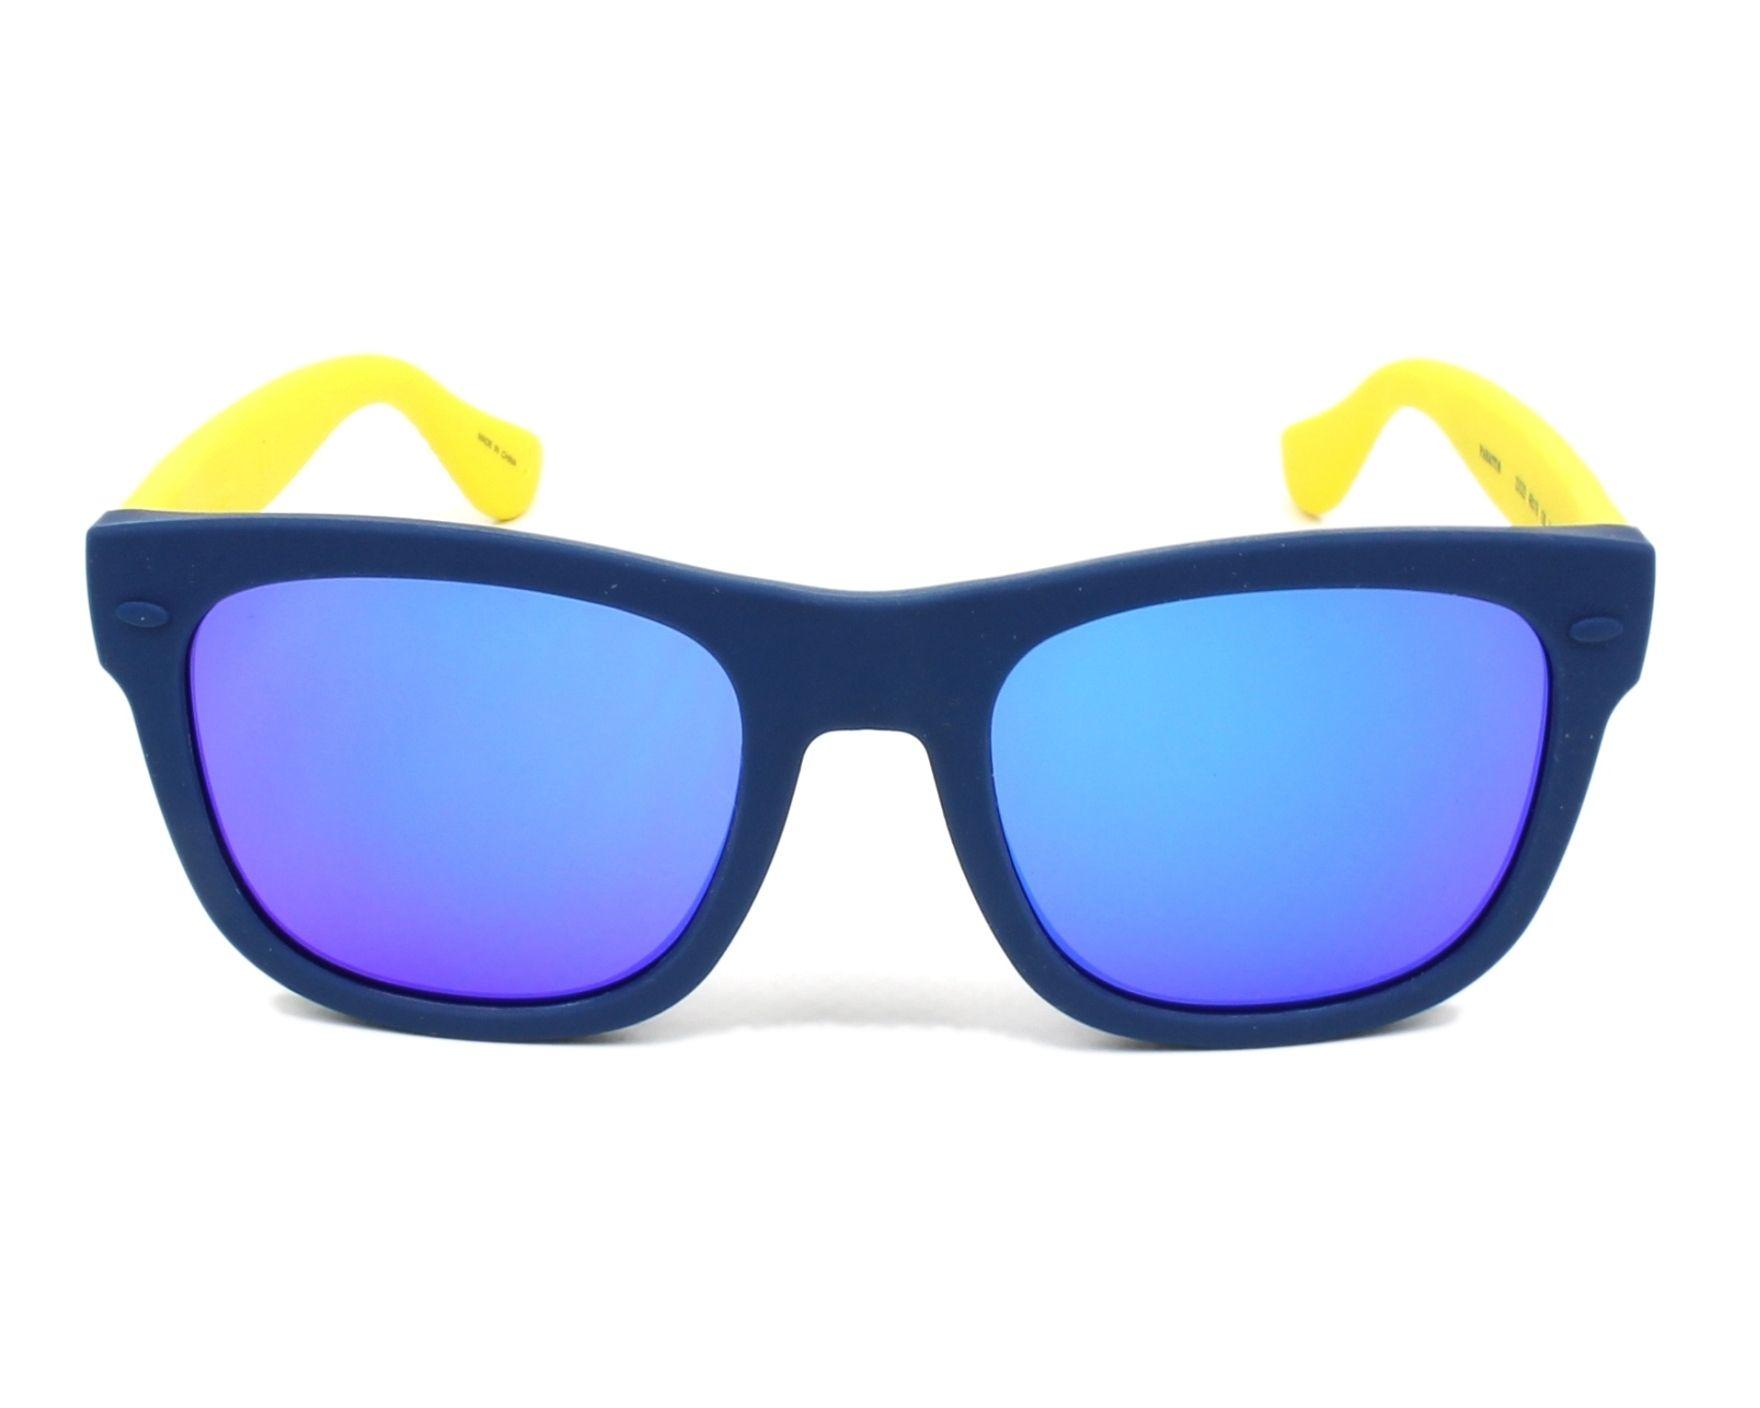 40e9c272b7 Gafas de sol Havaianas PARATY-S 220/Z0 48-19 Azul Amarillo vista